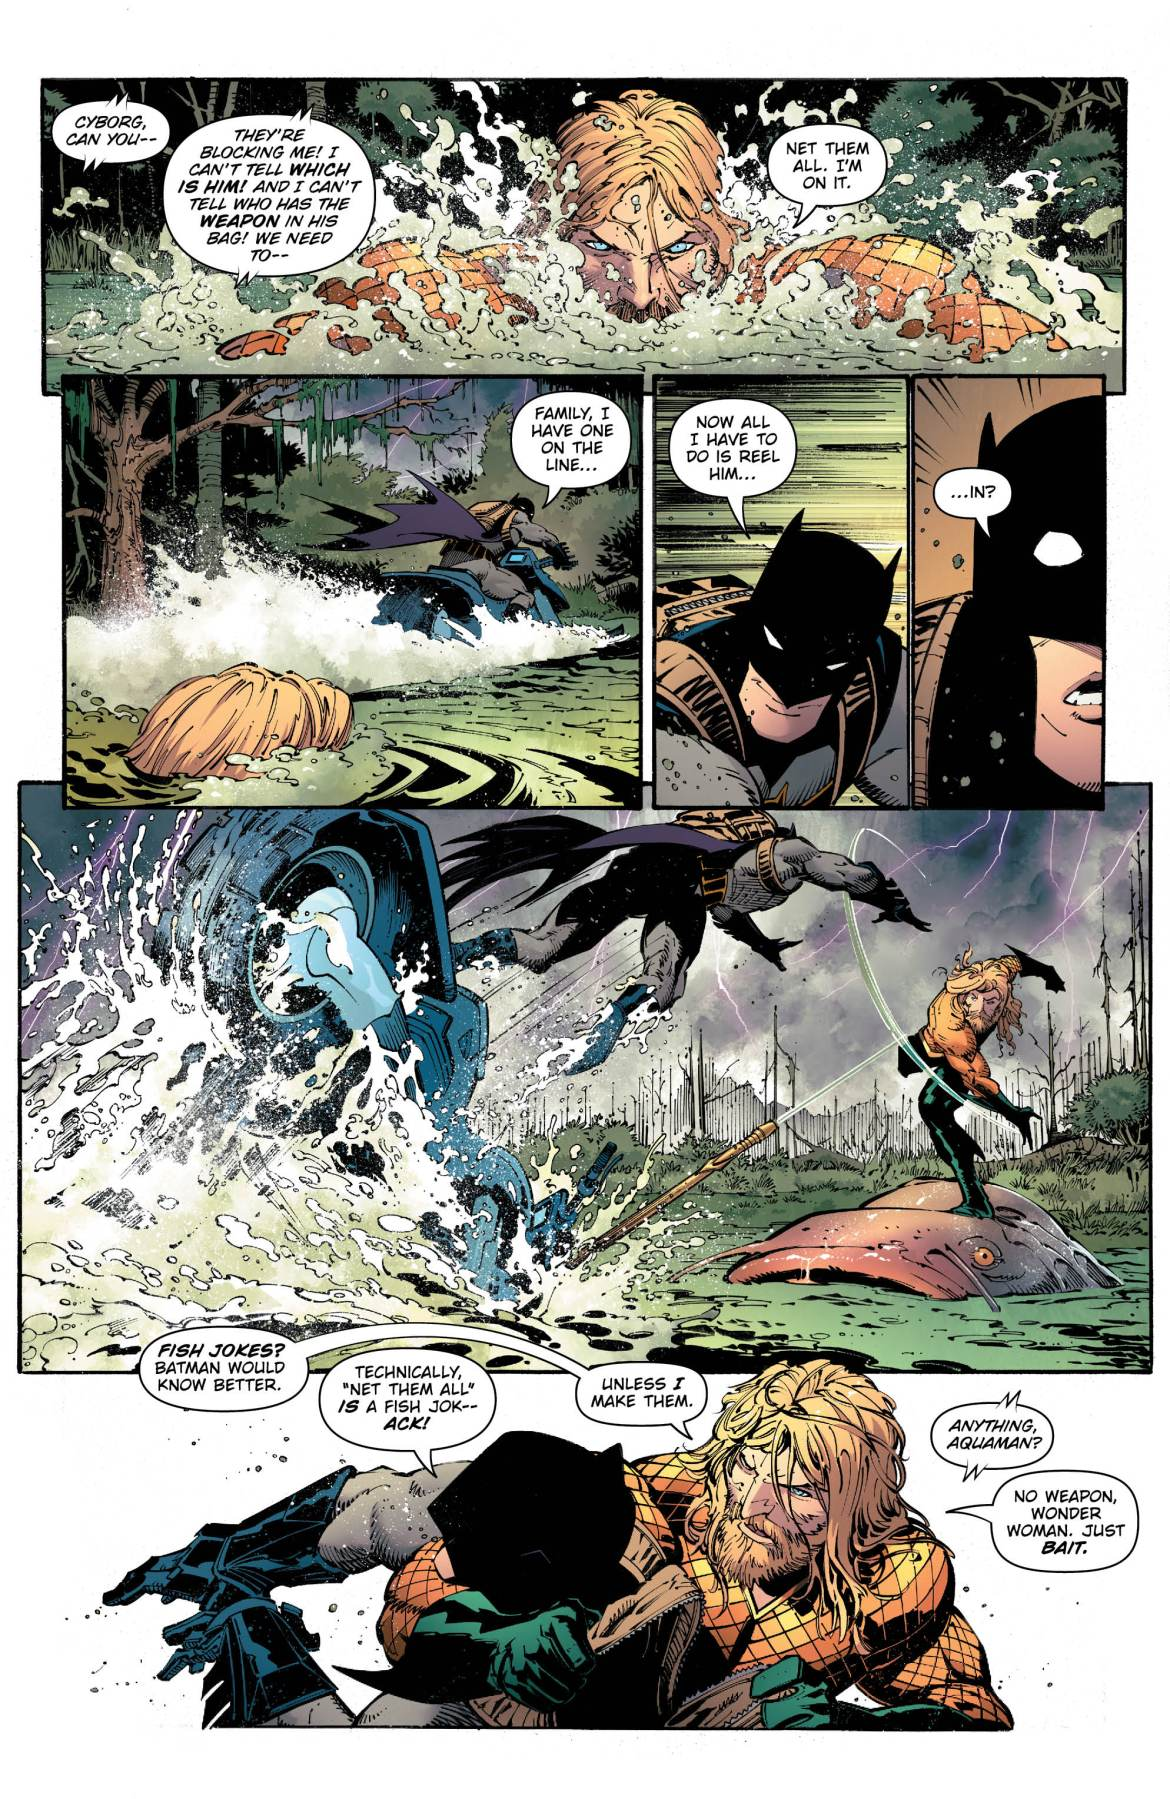 Metal 2 - Page 4 - DC Comics News